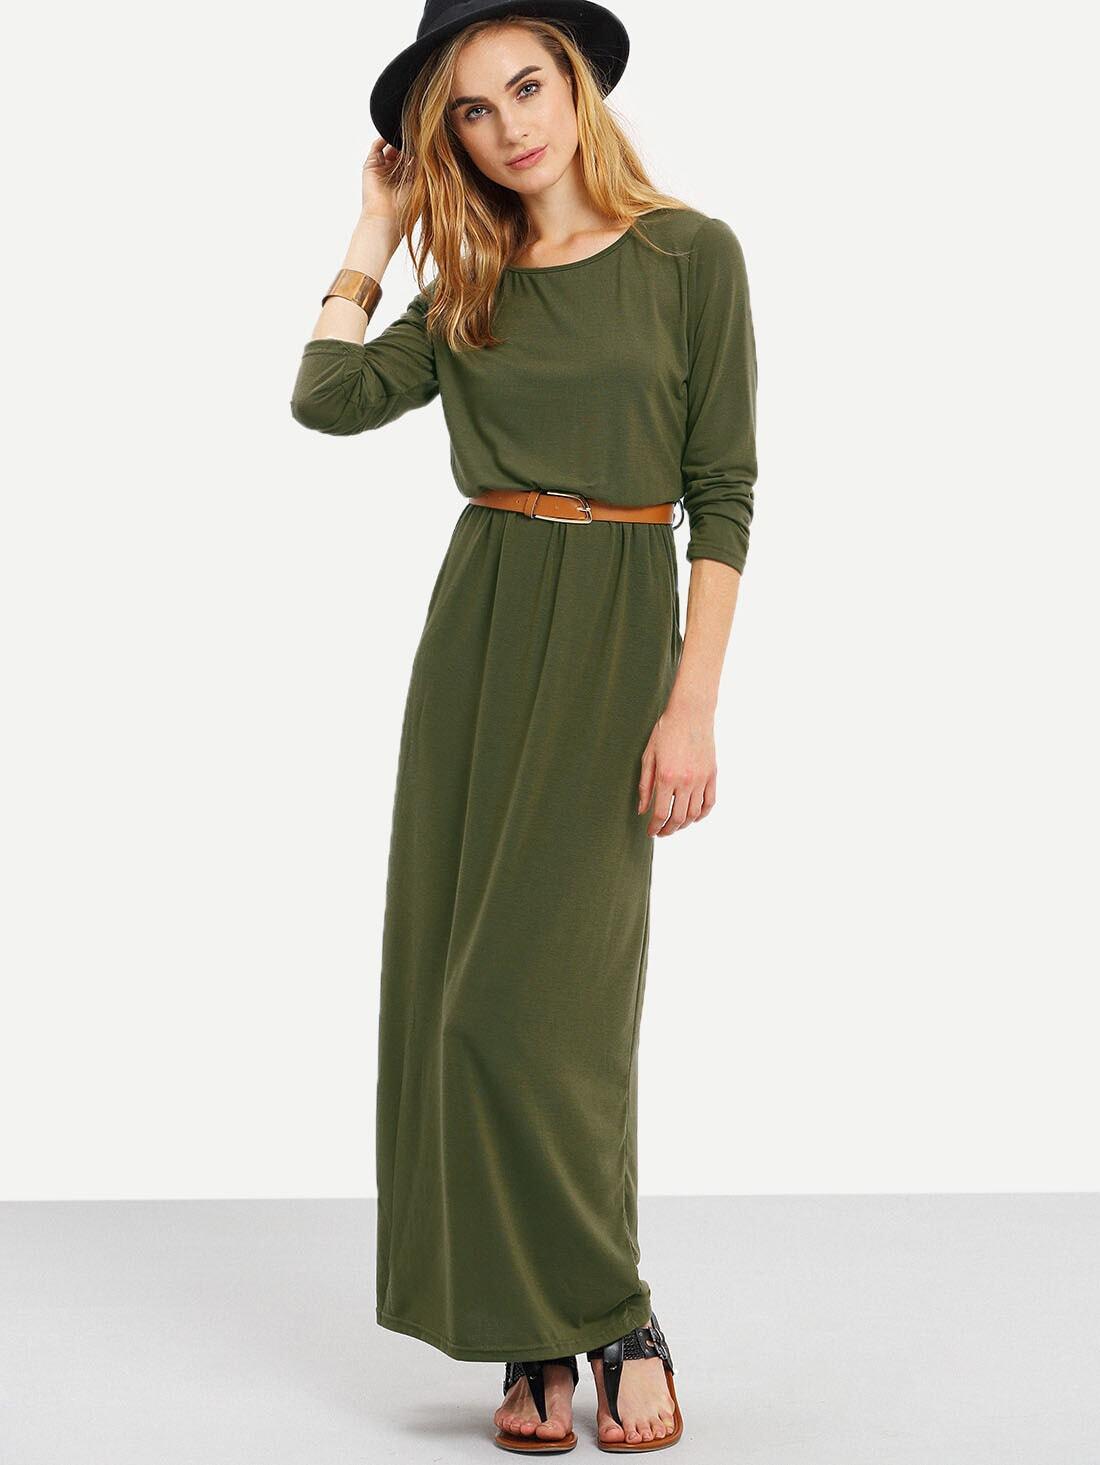 Fashions Online Clothing Apparel Designer Fashion